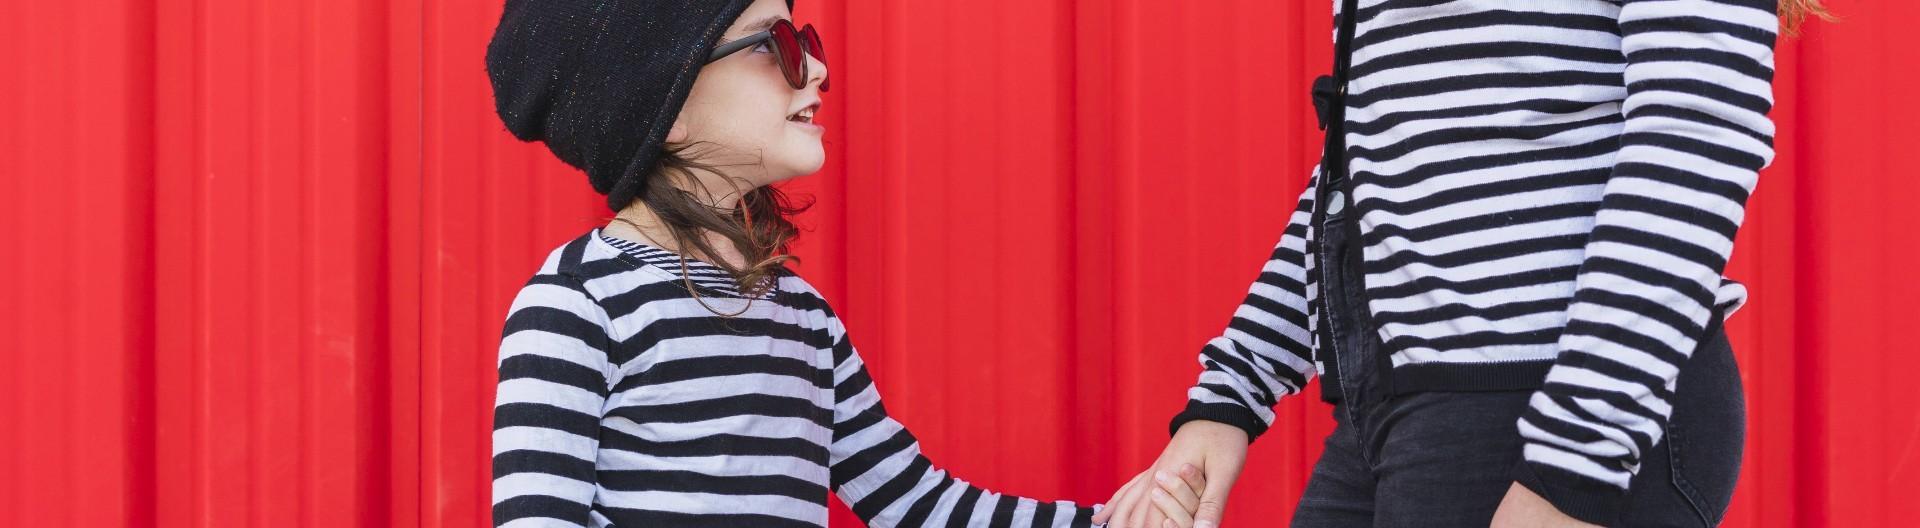 Kleines Mädchen hält die Hand seiner Mutter. Beide tragen Partnerinnenlook.